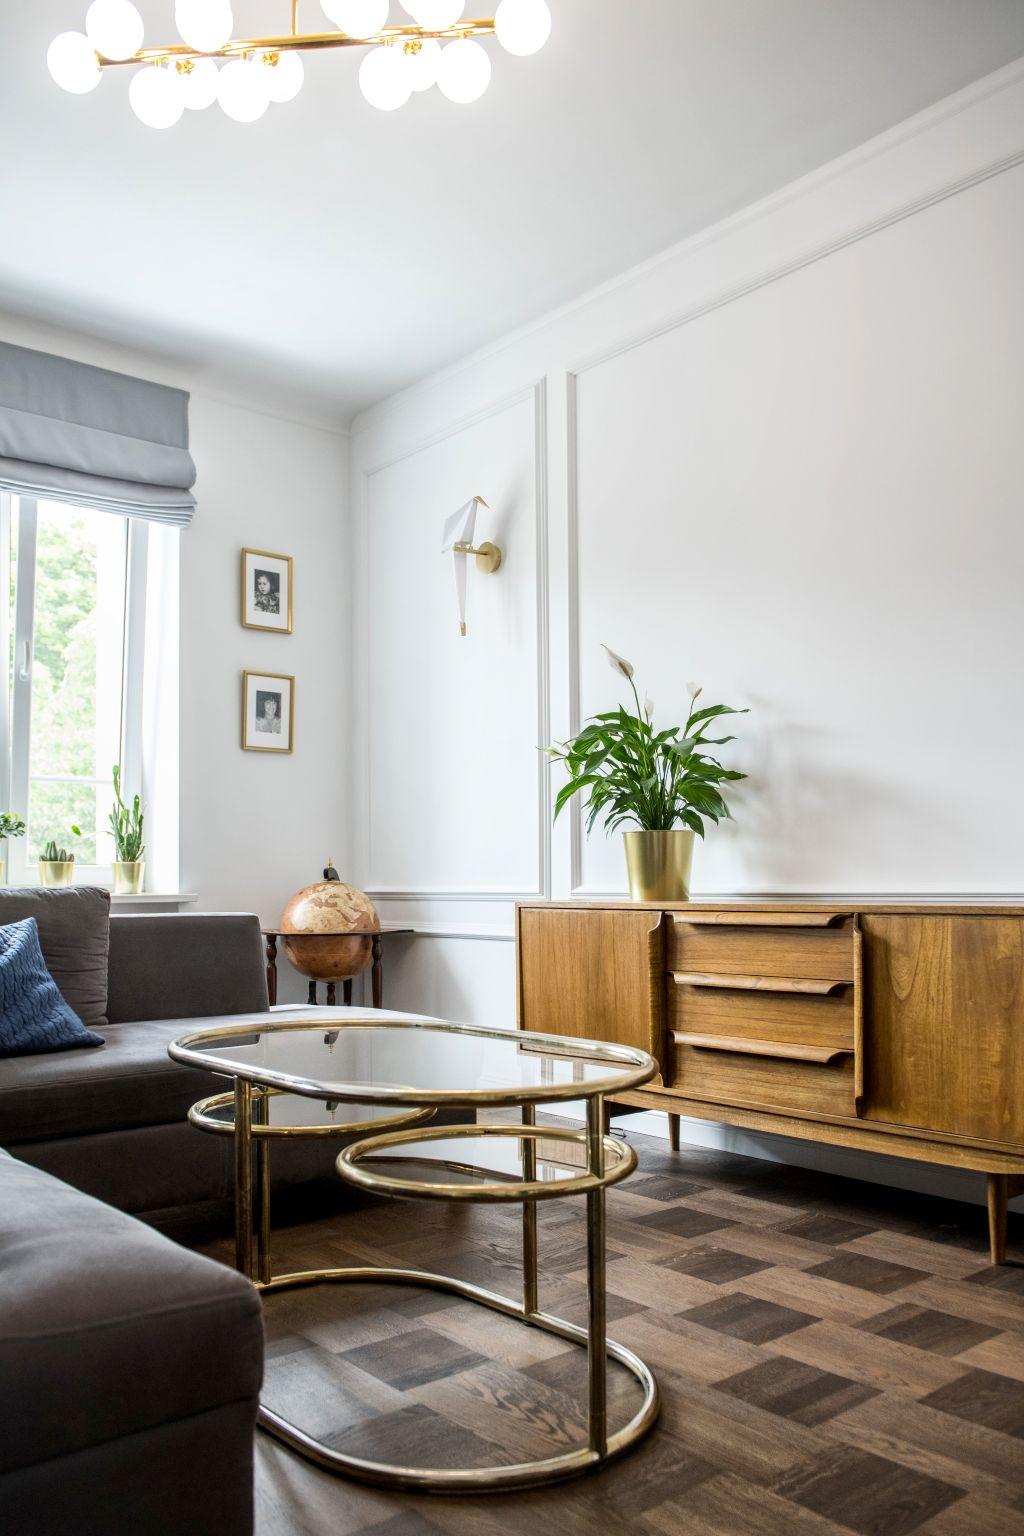 mieszkanie architektów